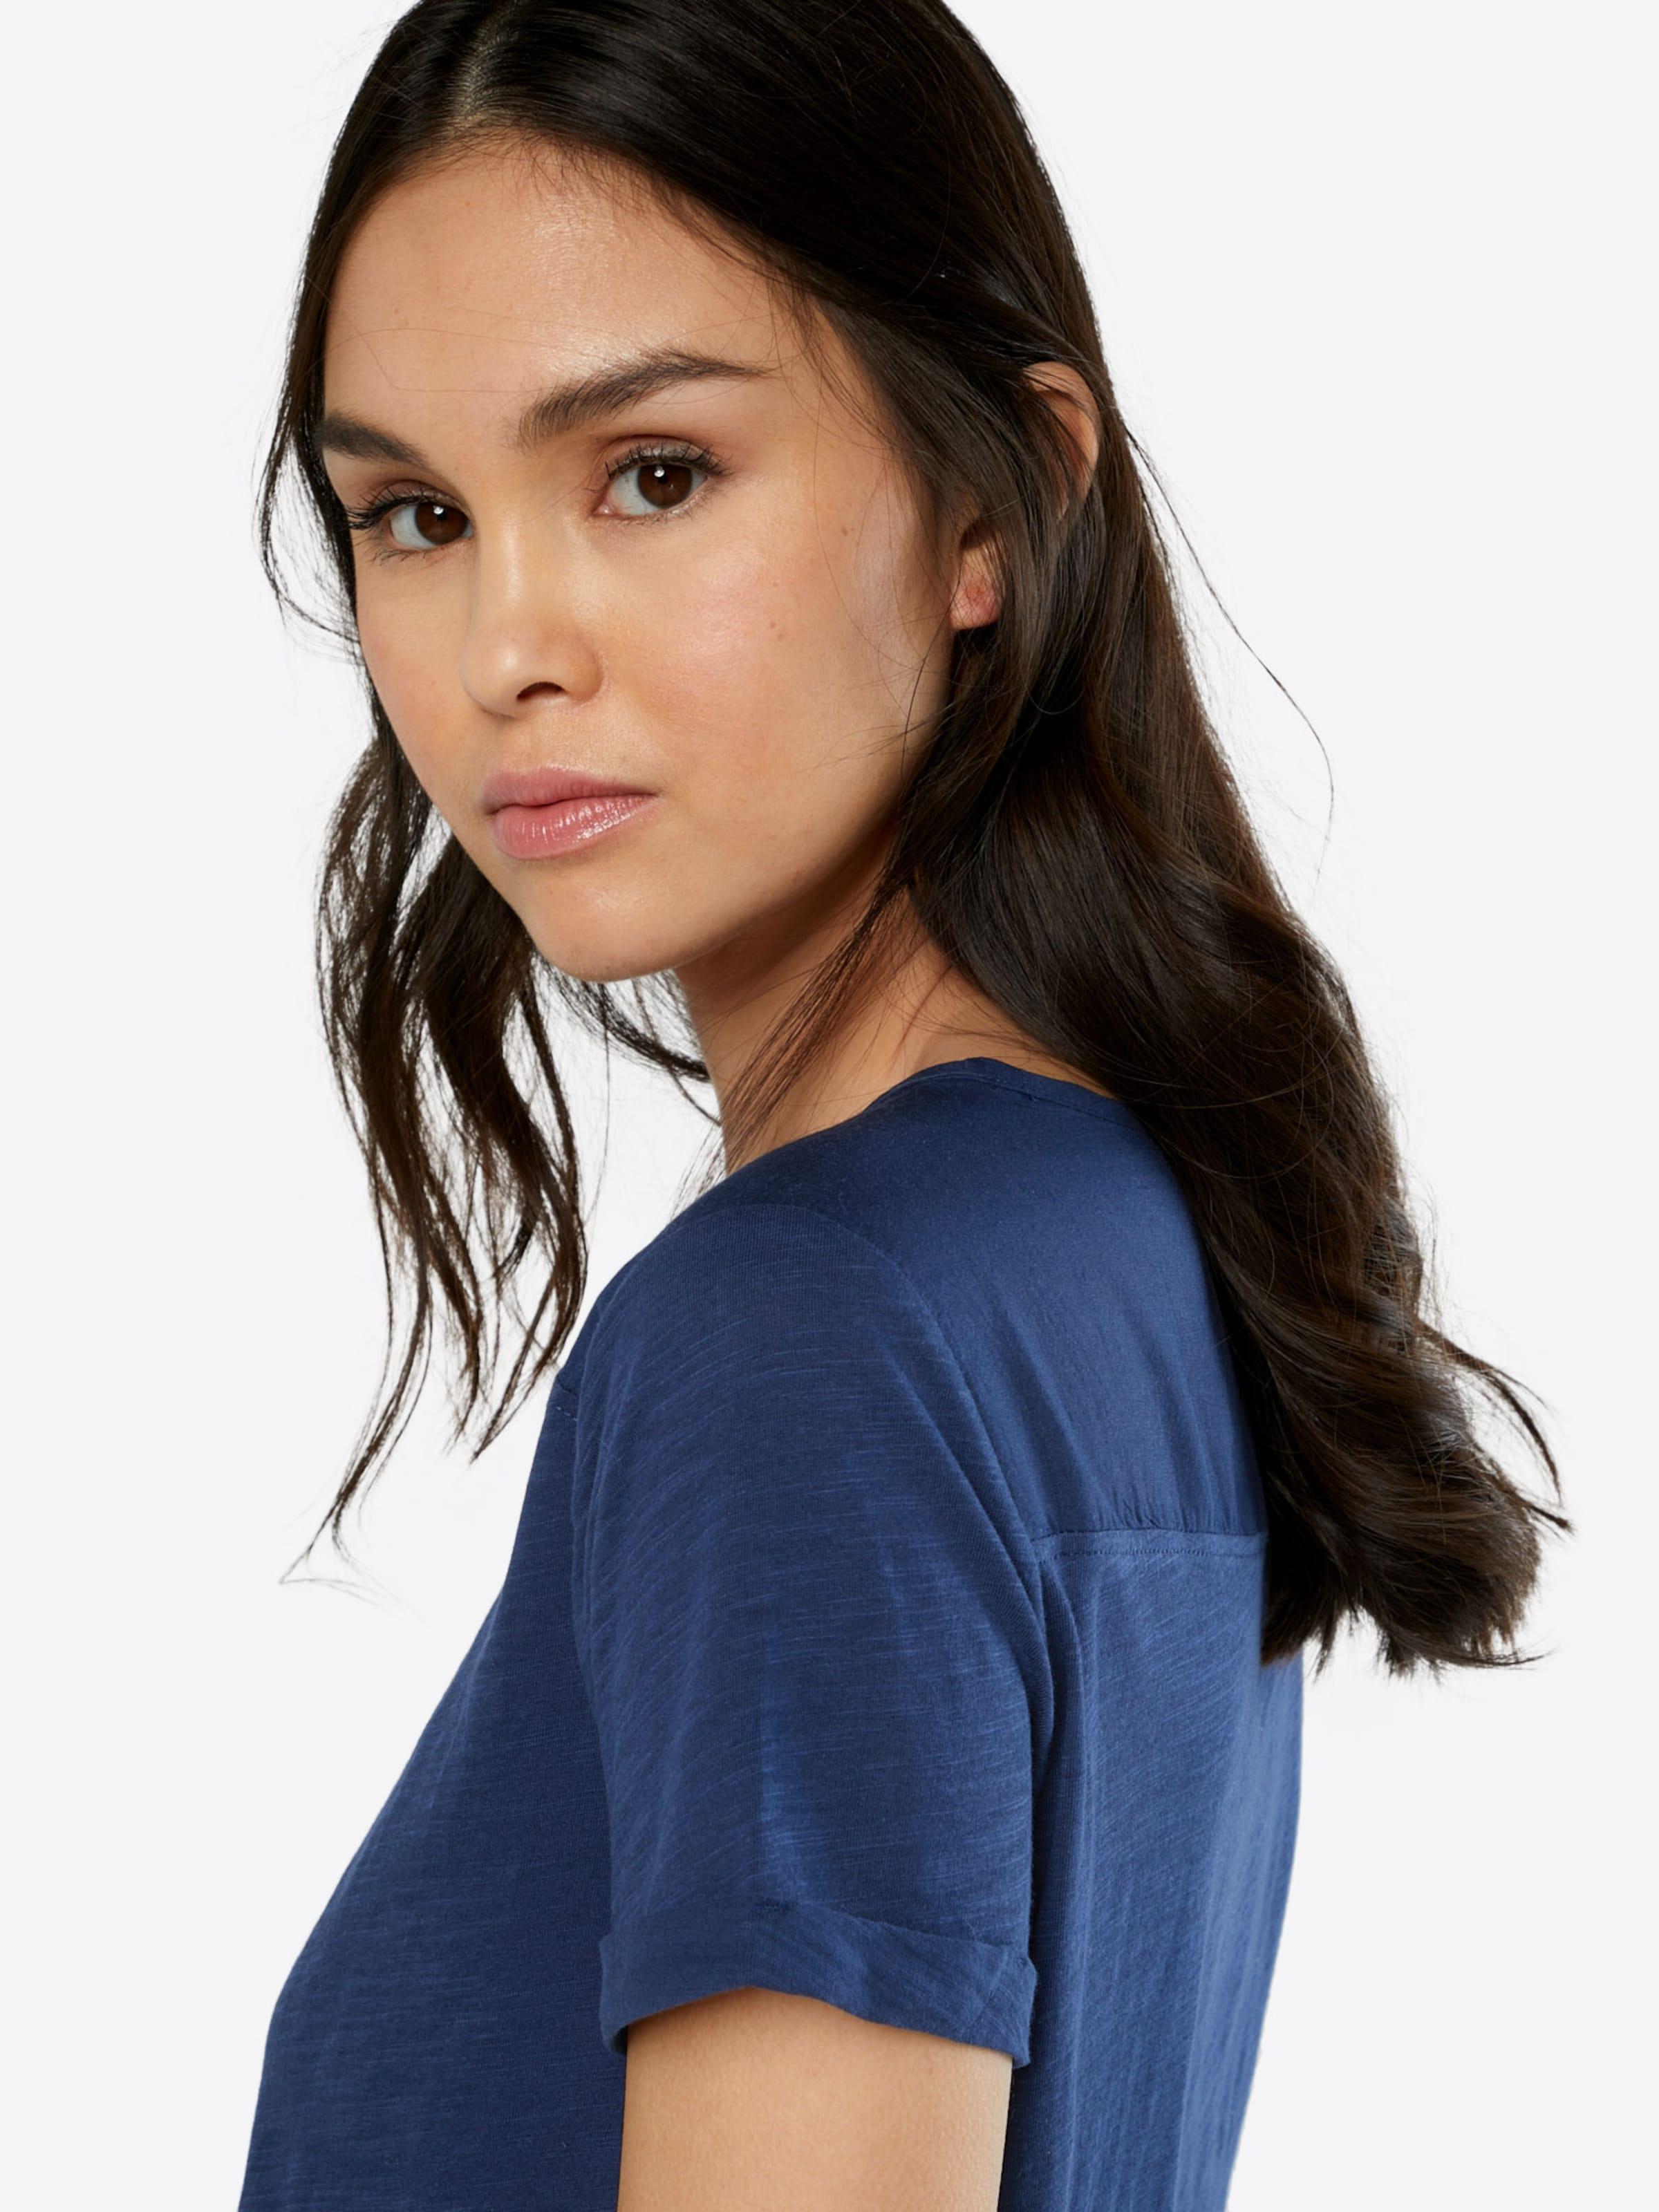 s.Oliver Denim T-Shirt Limitierter Auflage Zum Verkauf Günstig Kaufen Best Pick Günstig Kaufen Footlocker Bilder Mit Kreditkarte Online wRZsN09K